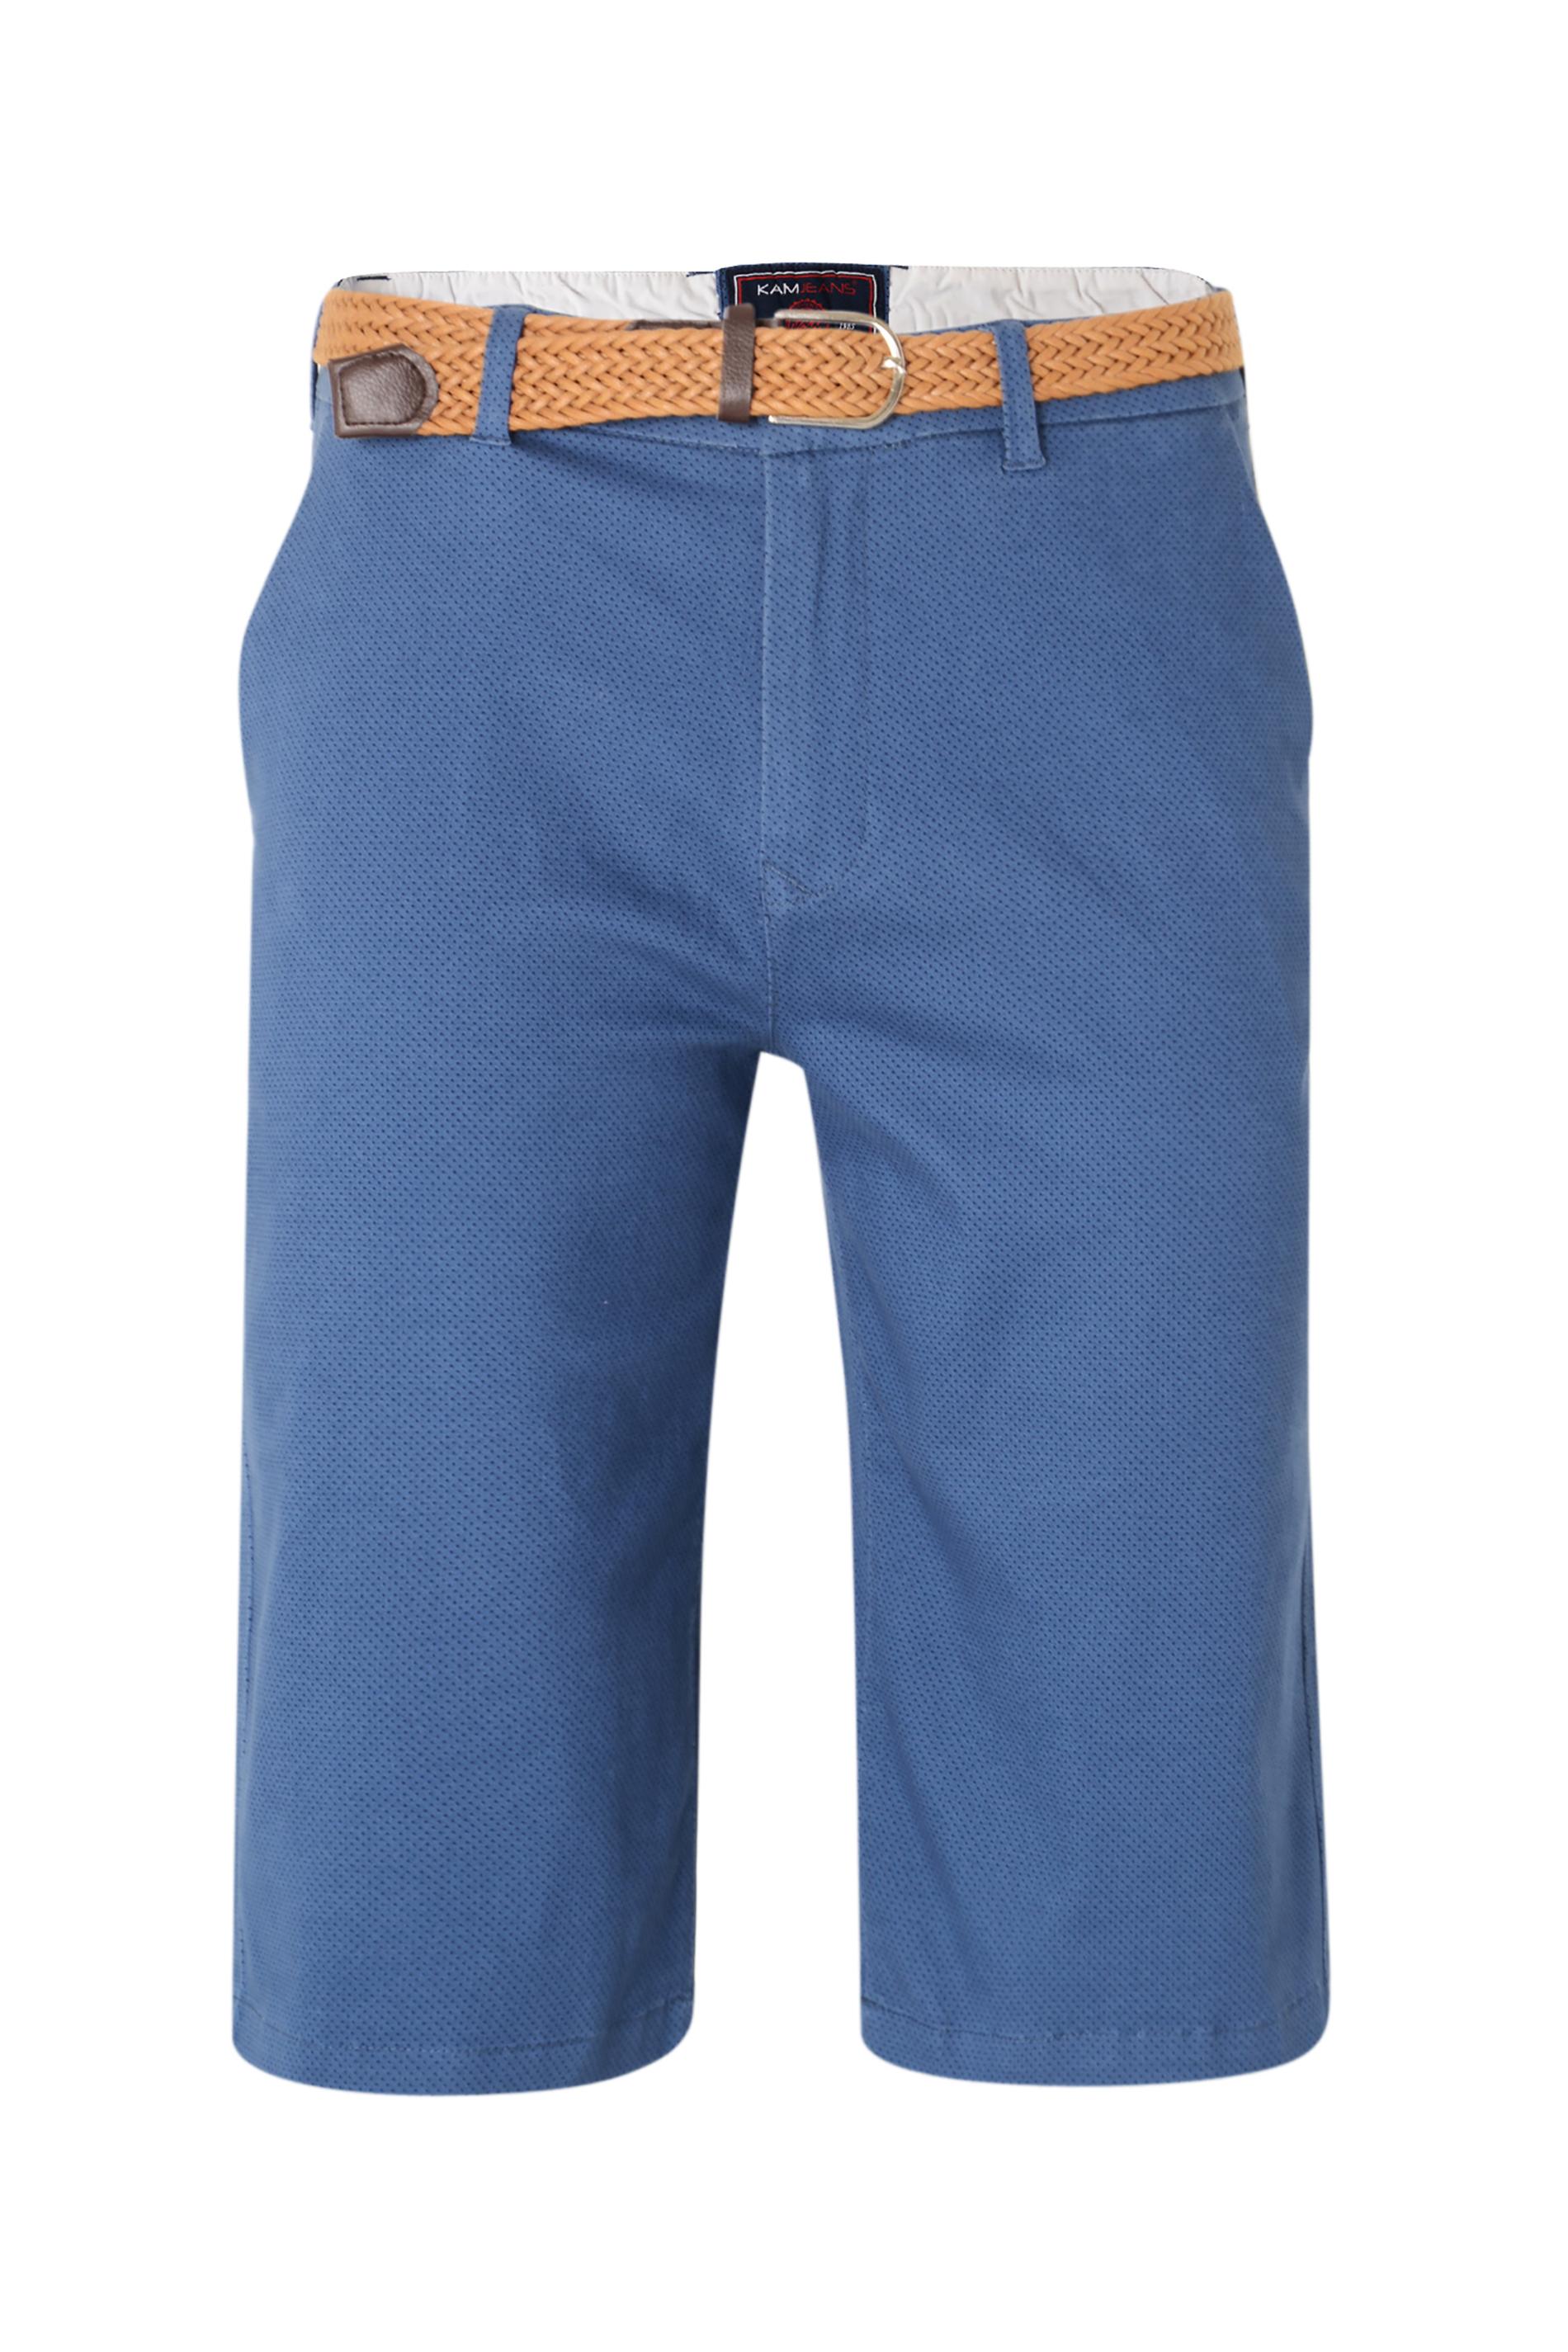 KAM Blue Belted Dobby Print Woven Short